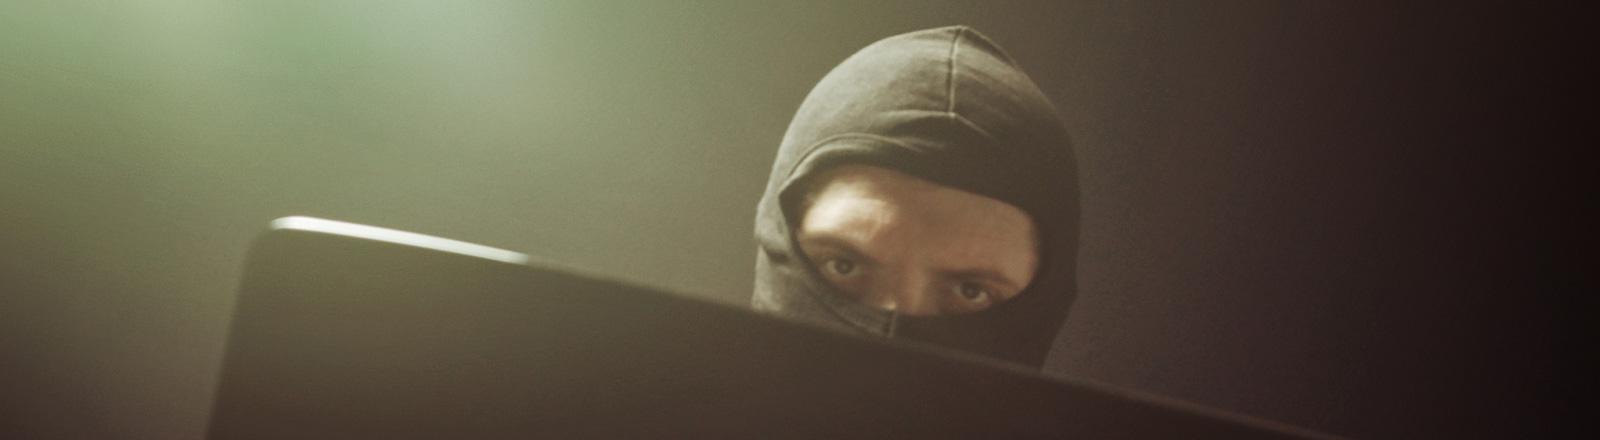 Ein Mann mit schwarzer Ski-Maske schaut über ein Laptop.